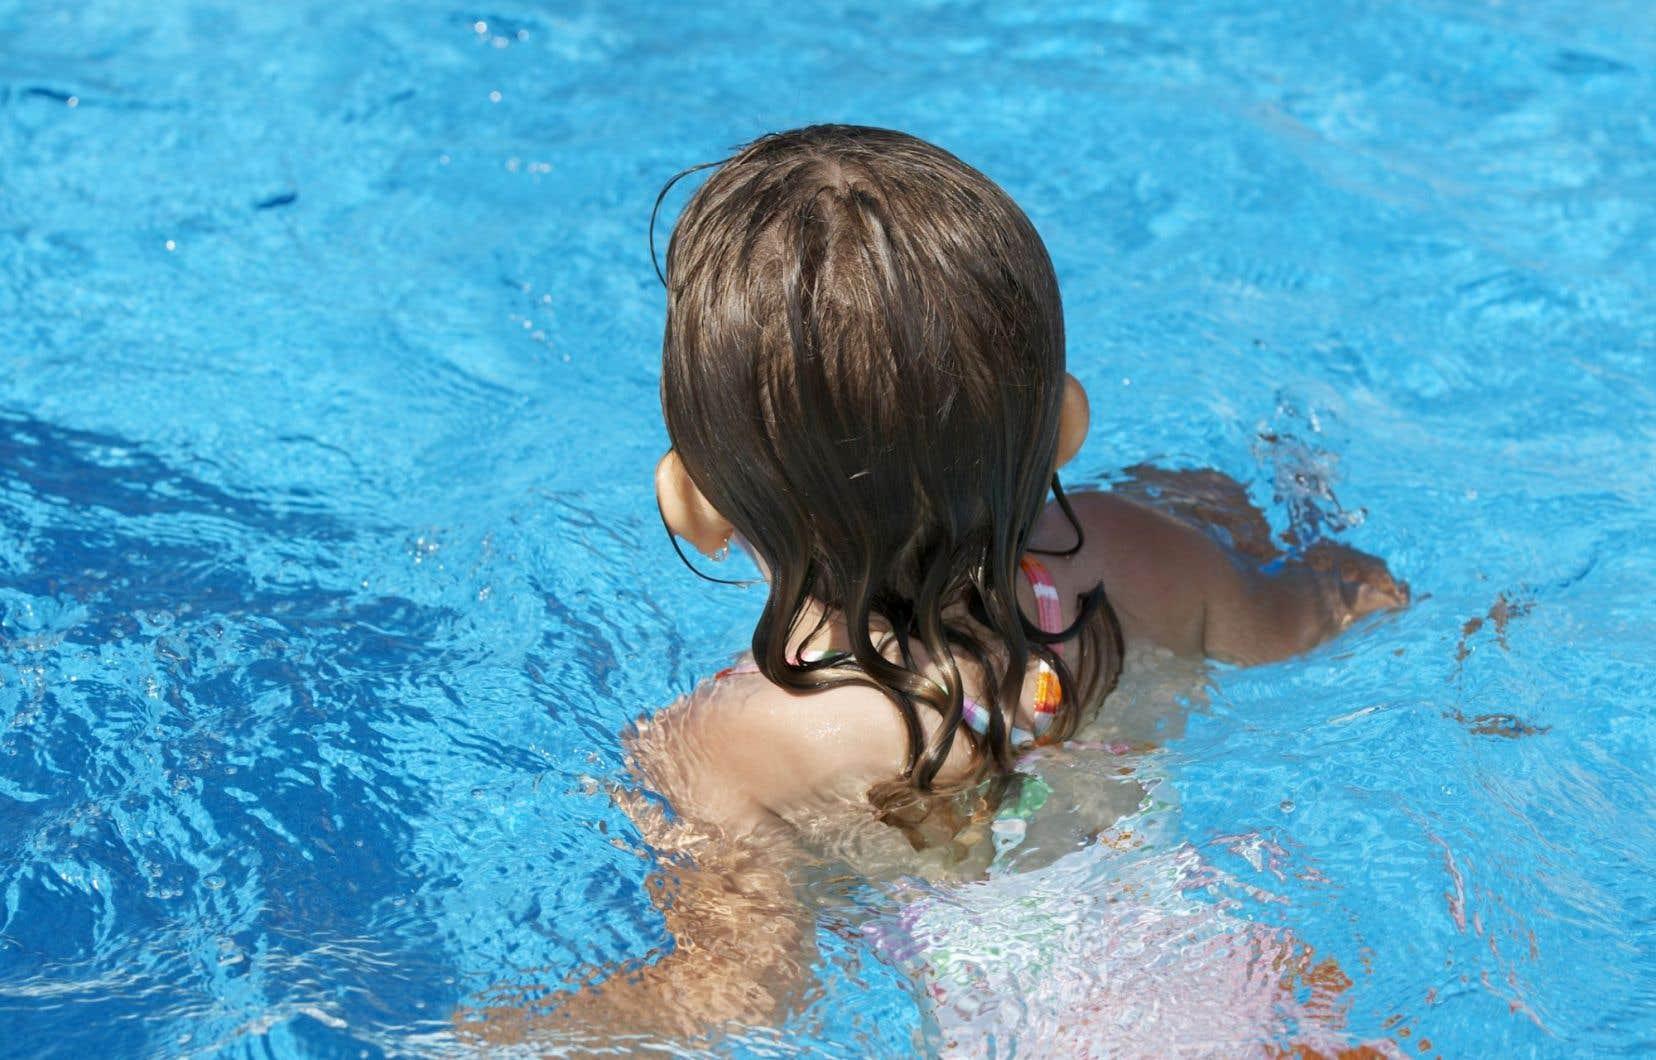 La réglementation sur les piscines résidentielles, adoptée en 2010, ne s'applique qu'aux nouvelles installations.